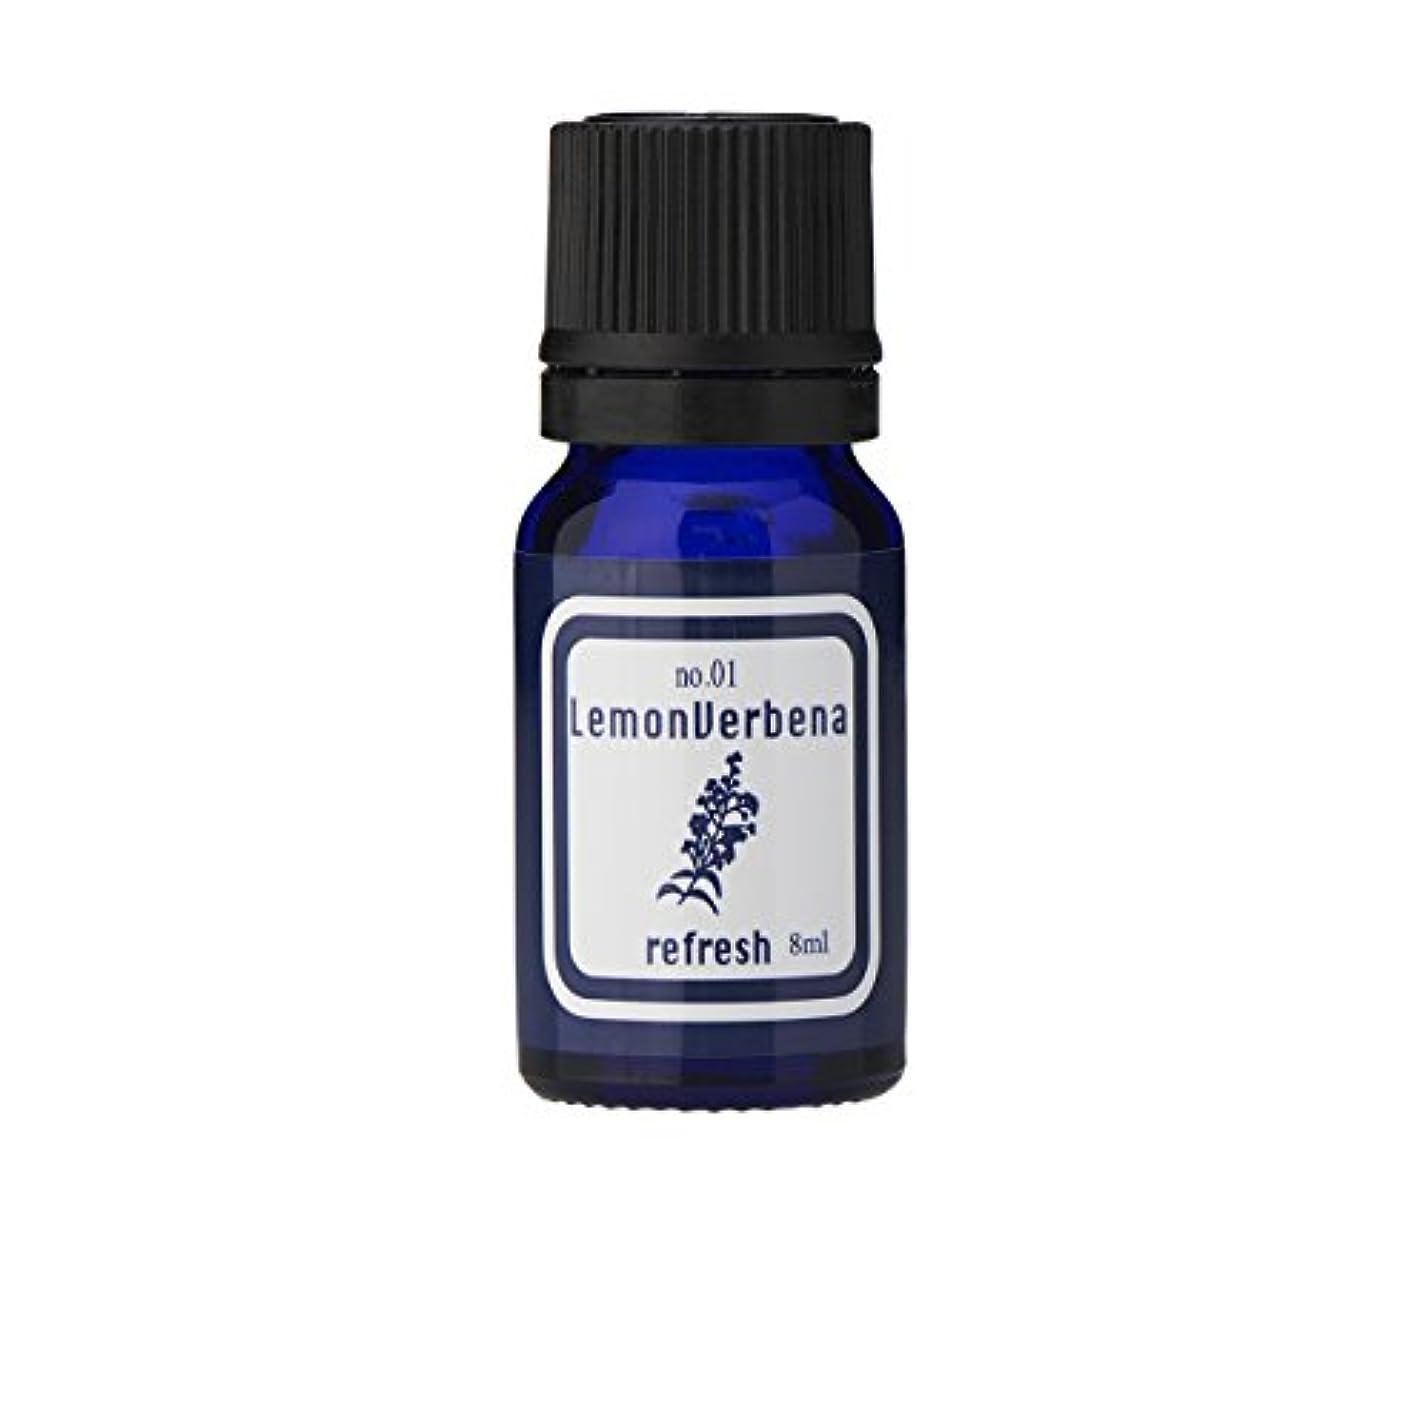 トレーダー影響国ブルーラベル アロマエッセンス8ml レモンバーベナ(アロマオイル 調合香料 芳香用)